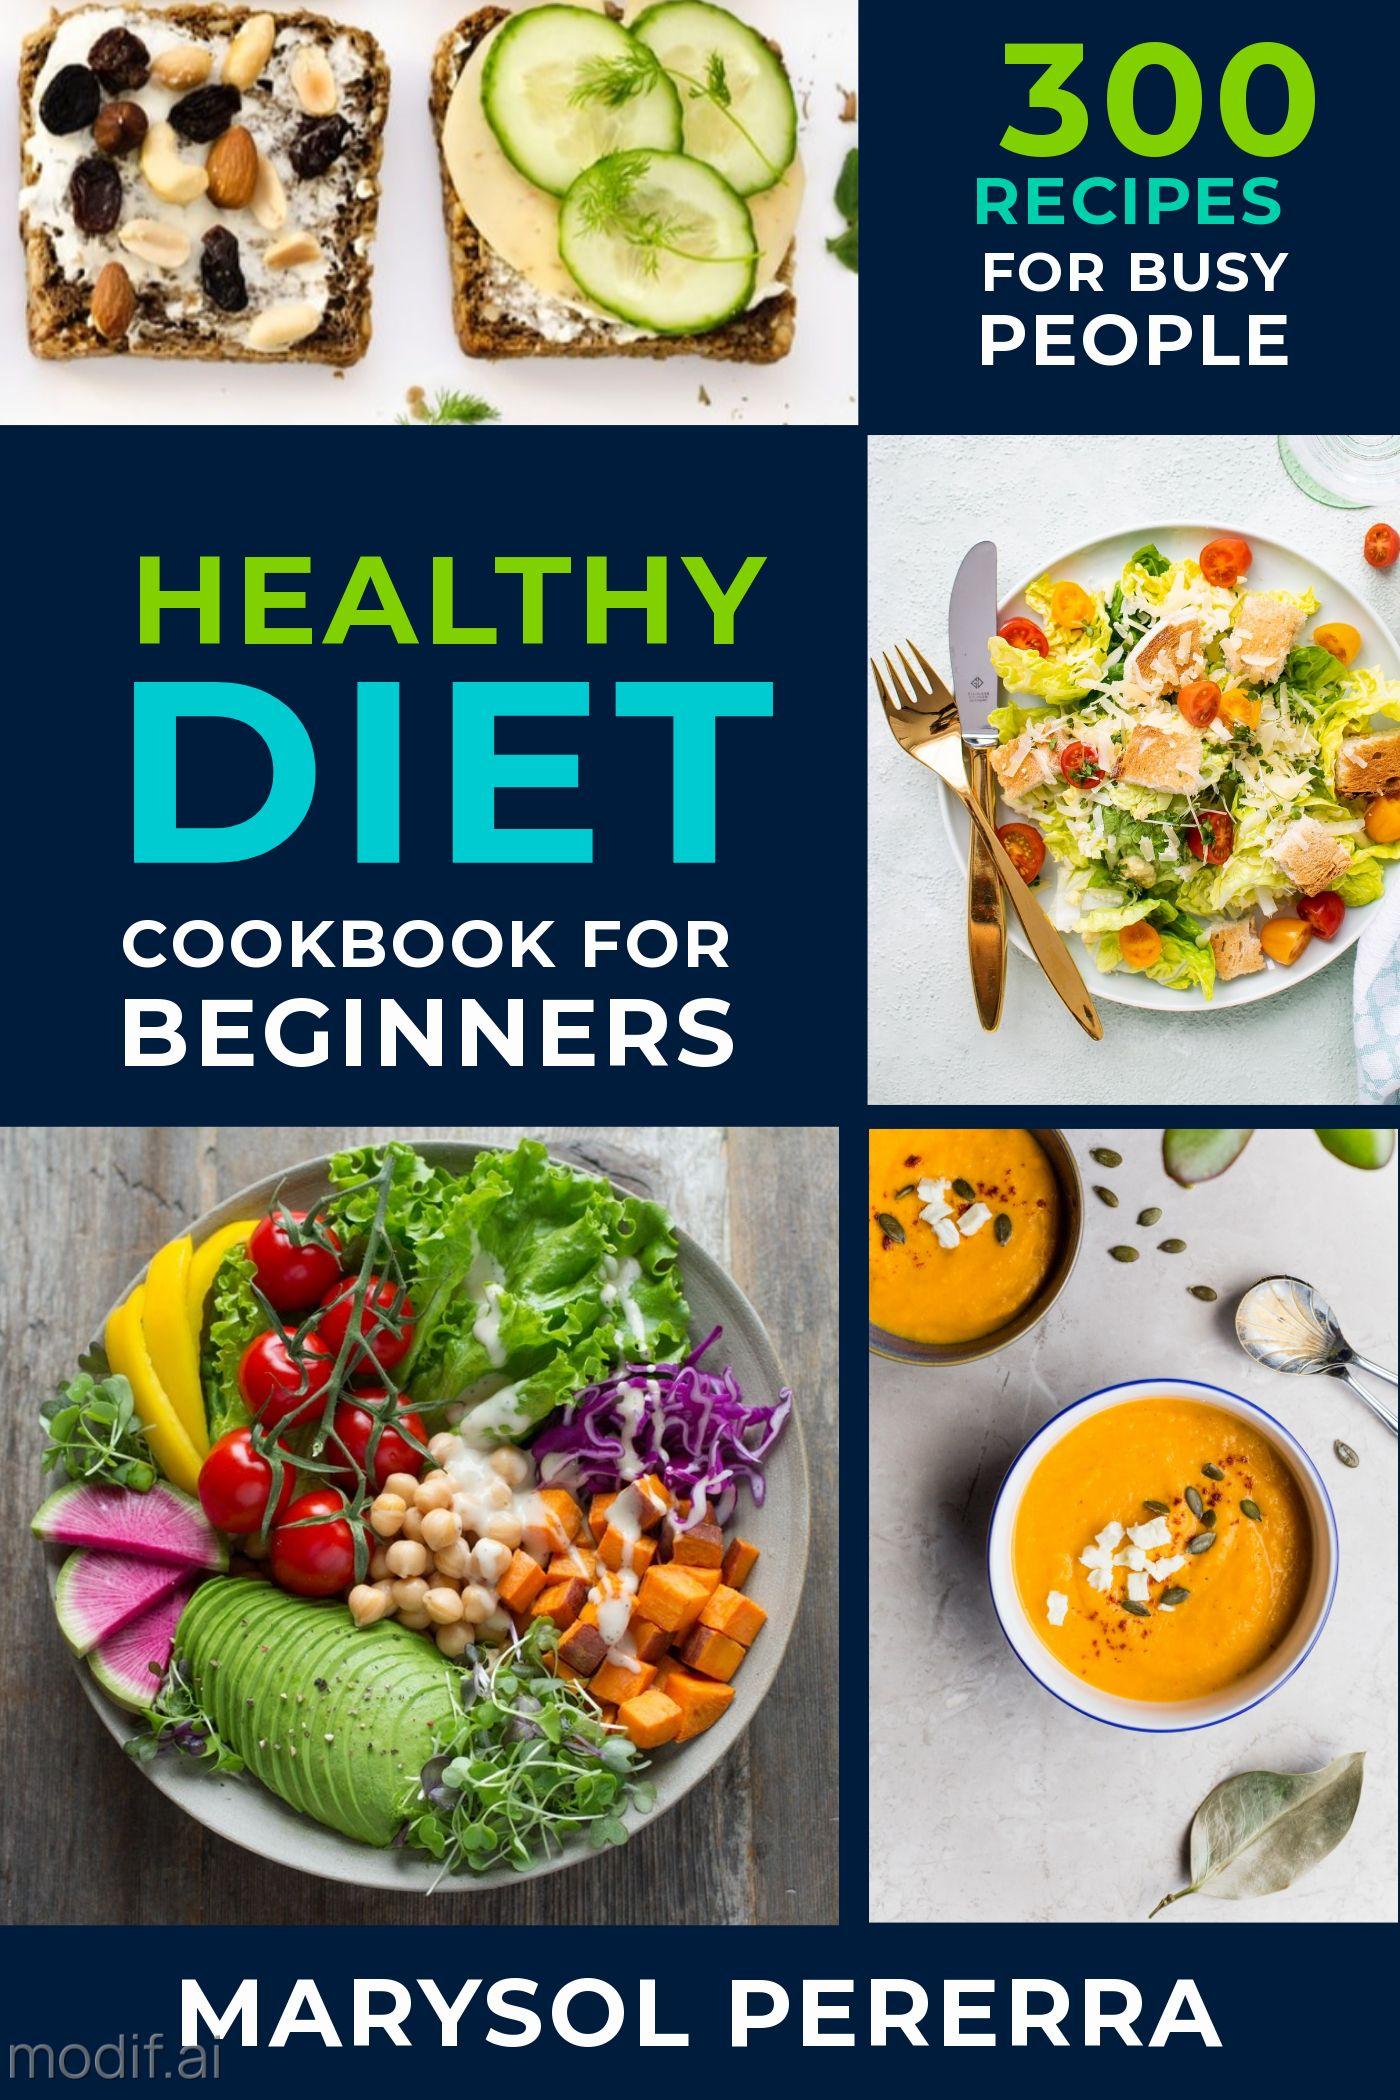 Recipe Cookbook eBook Cover Template